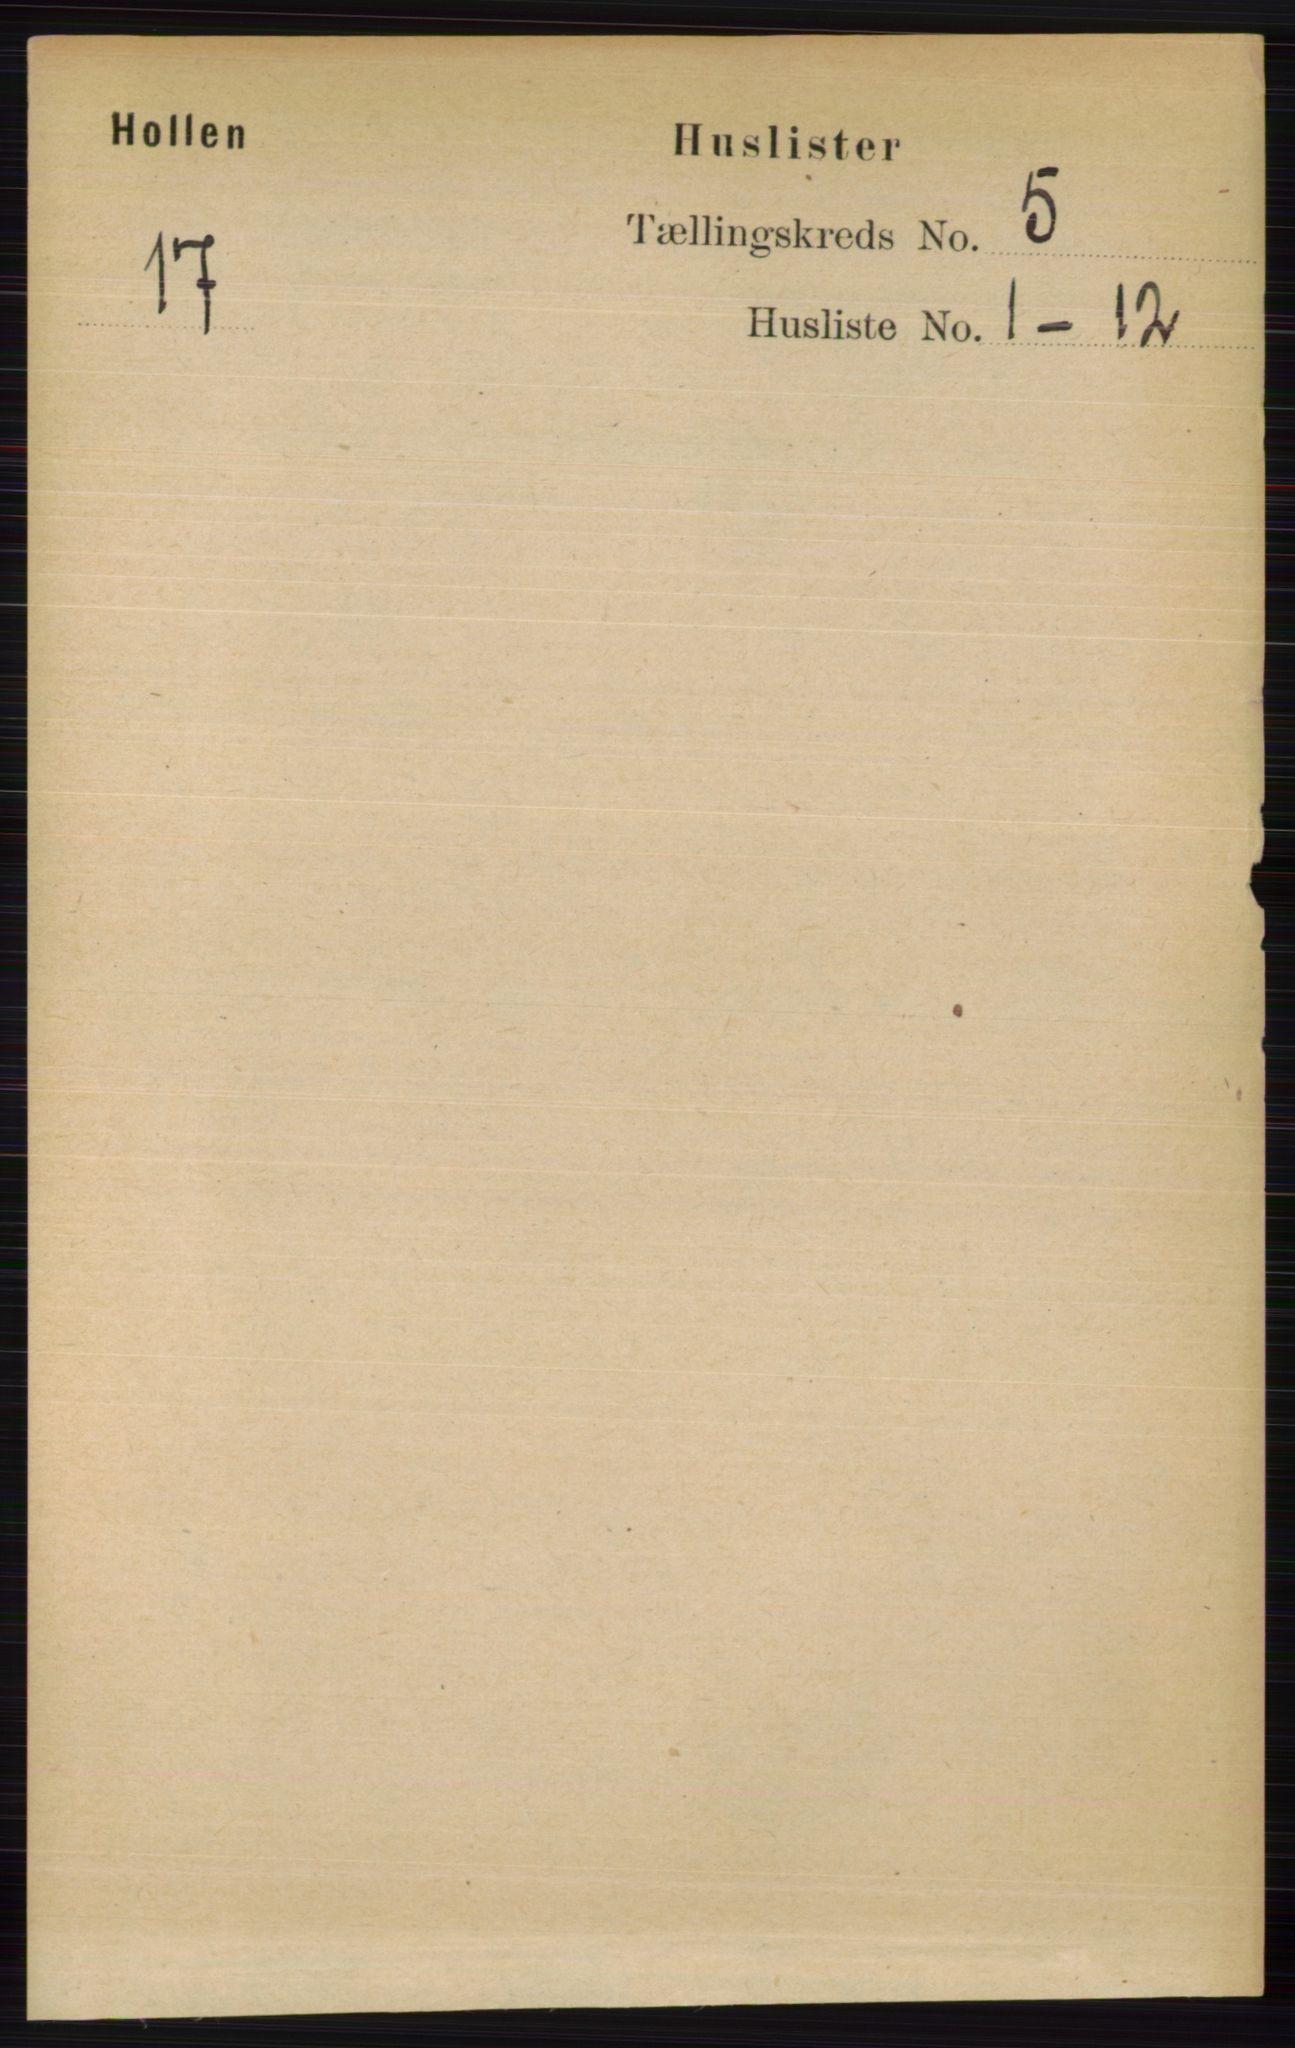 RA, Folketelling 1891 for 0819 Holla herred, 1891, s. 2727